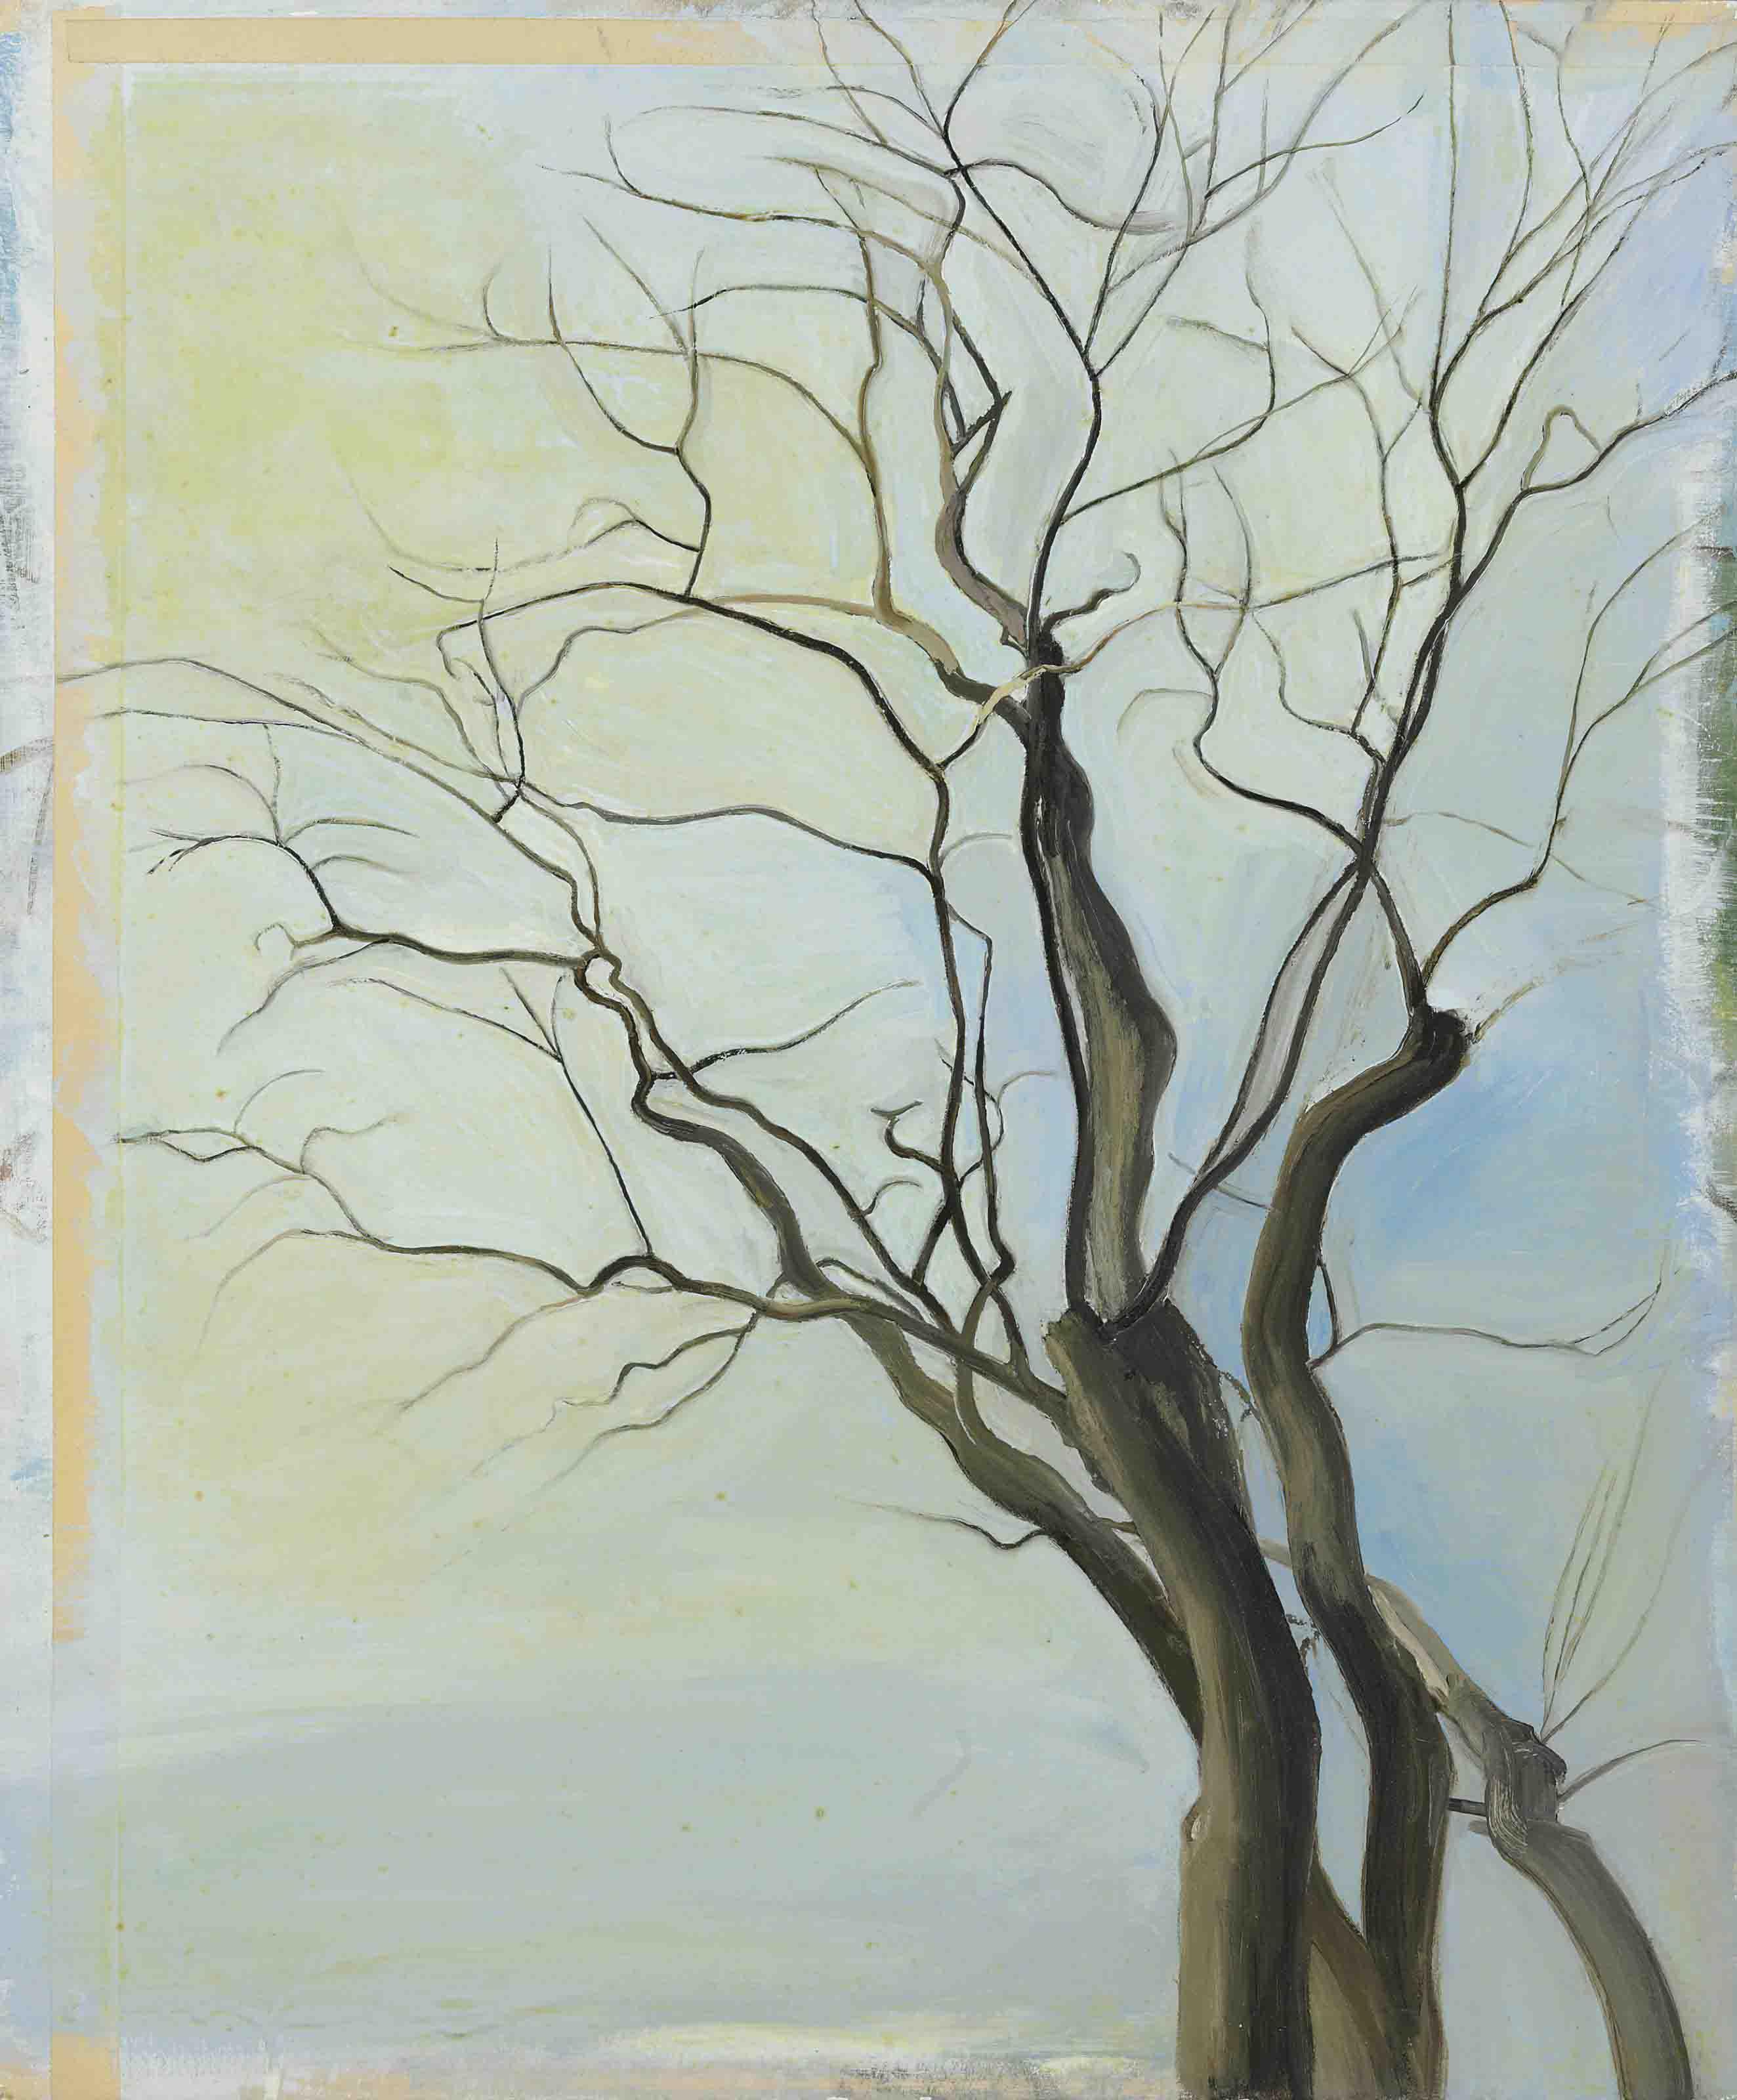 The Locust Trees